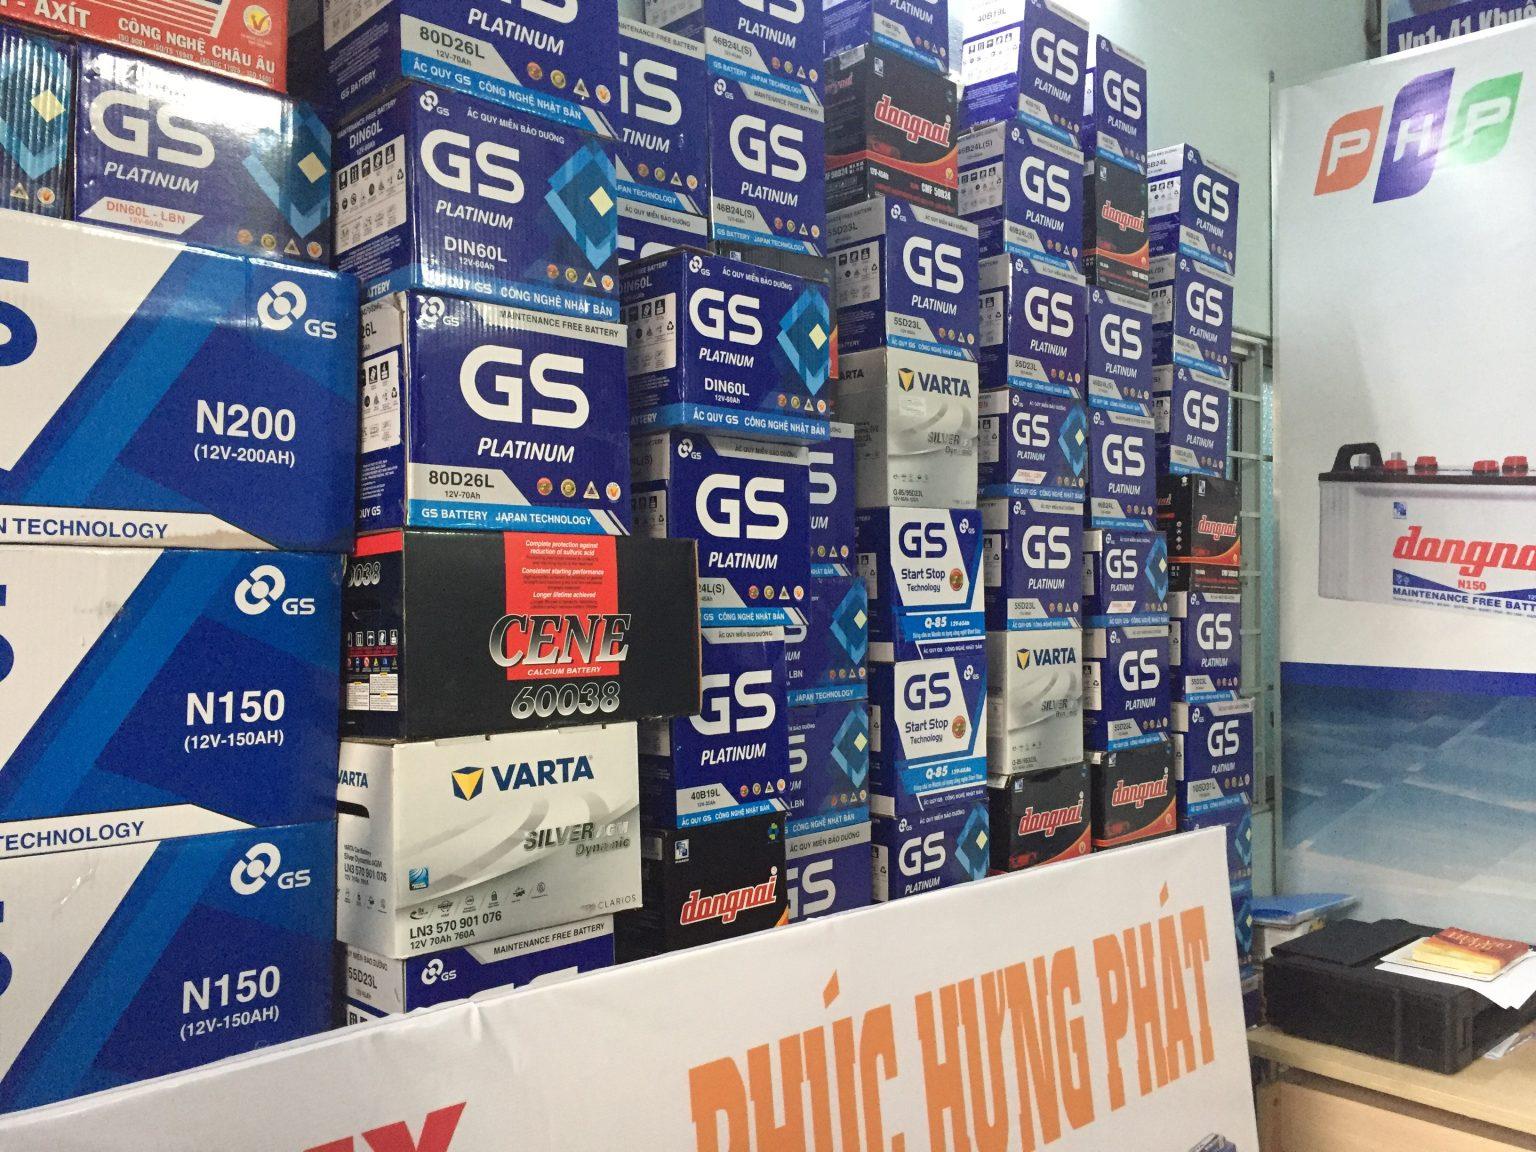 Đại lý ắc quy GS tại Đà Nẵng